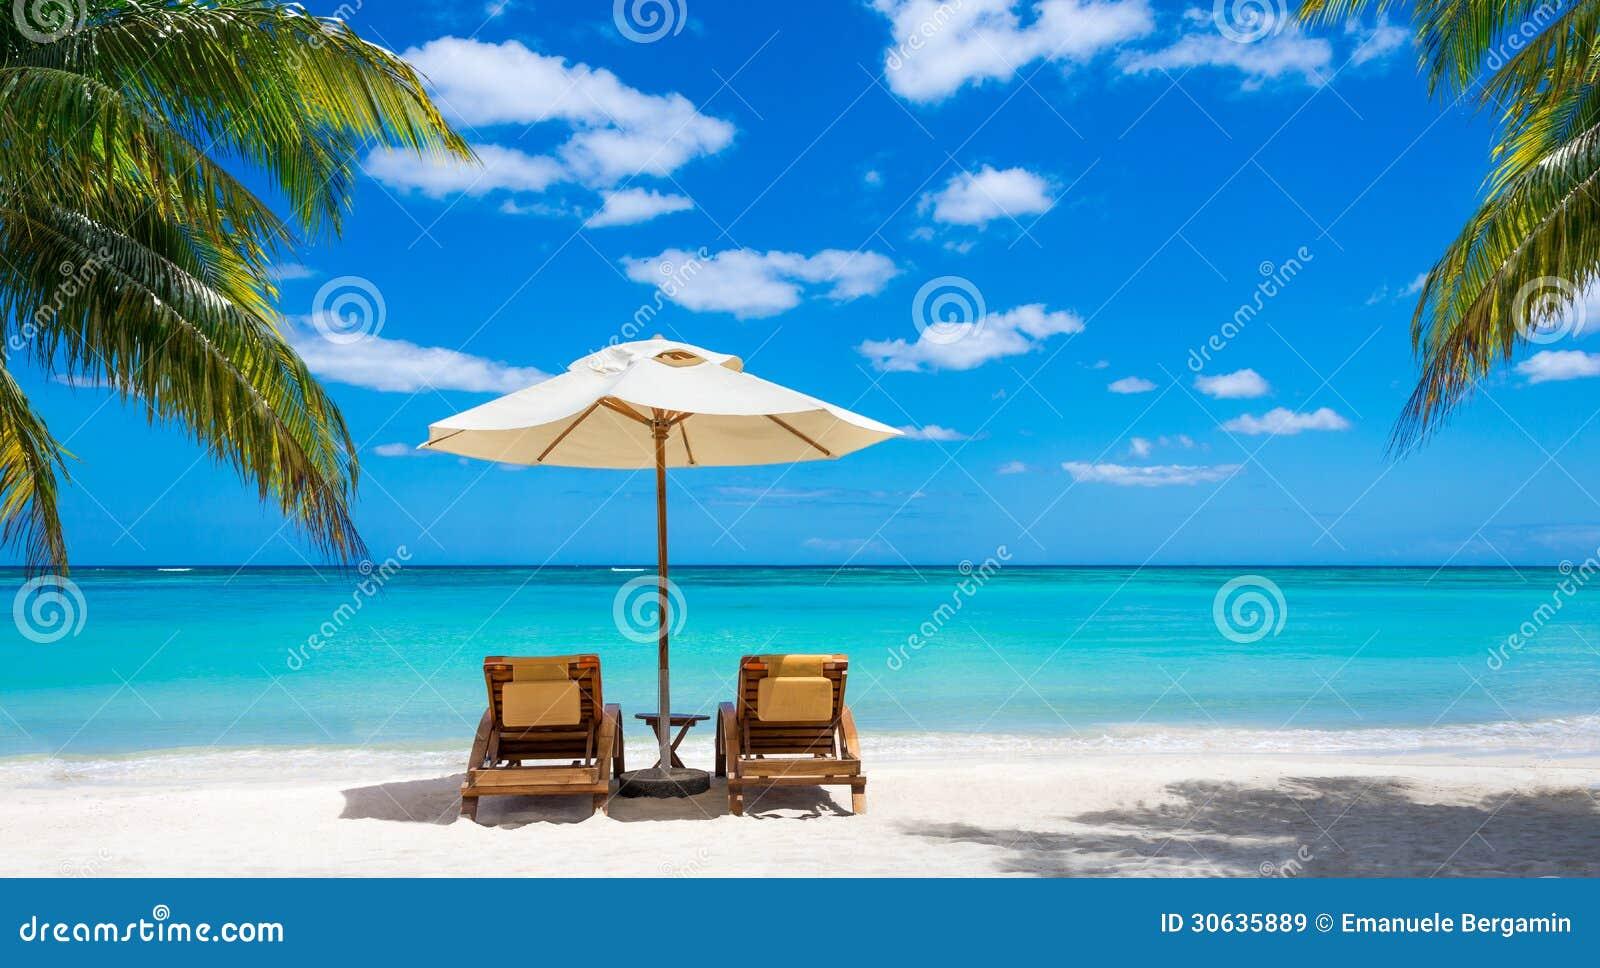 Sedie A Sdraio Per Spiaggia.Due Sedie A Sdraio Sul Mare Bianco Idilliaco Del Turchese Della